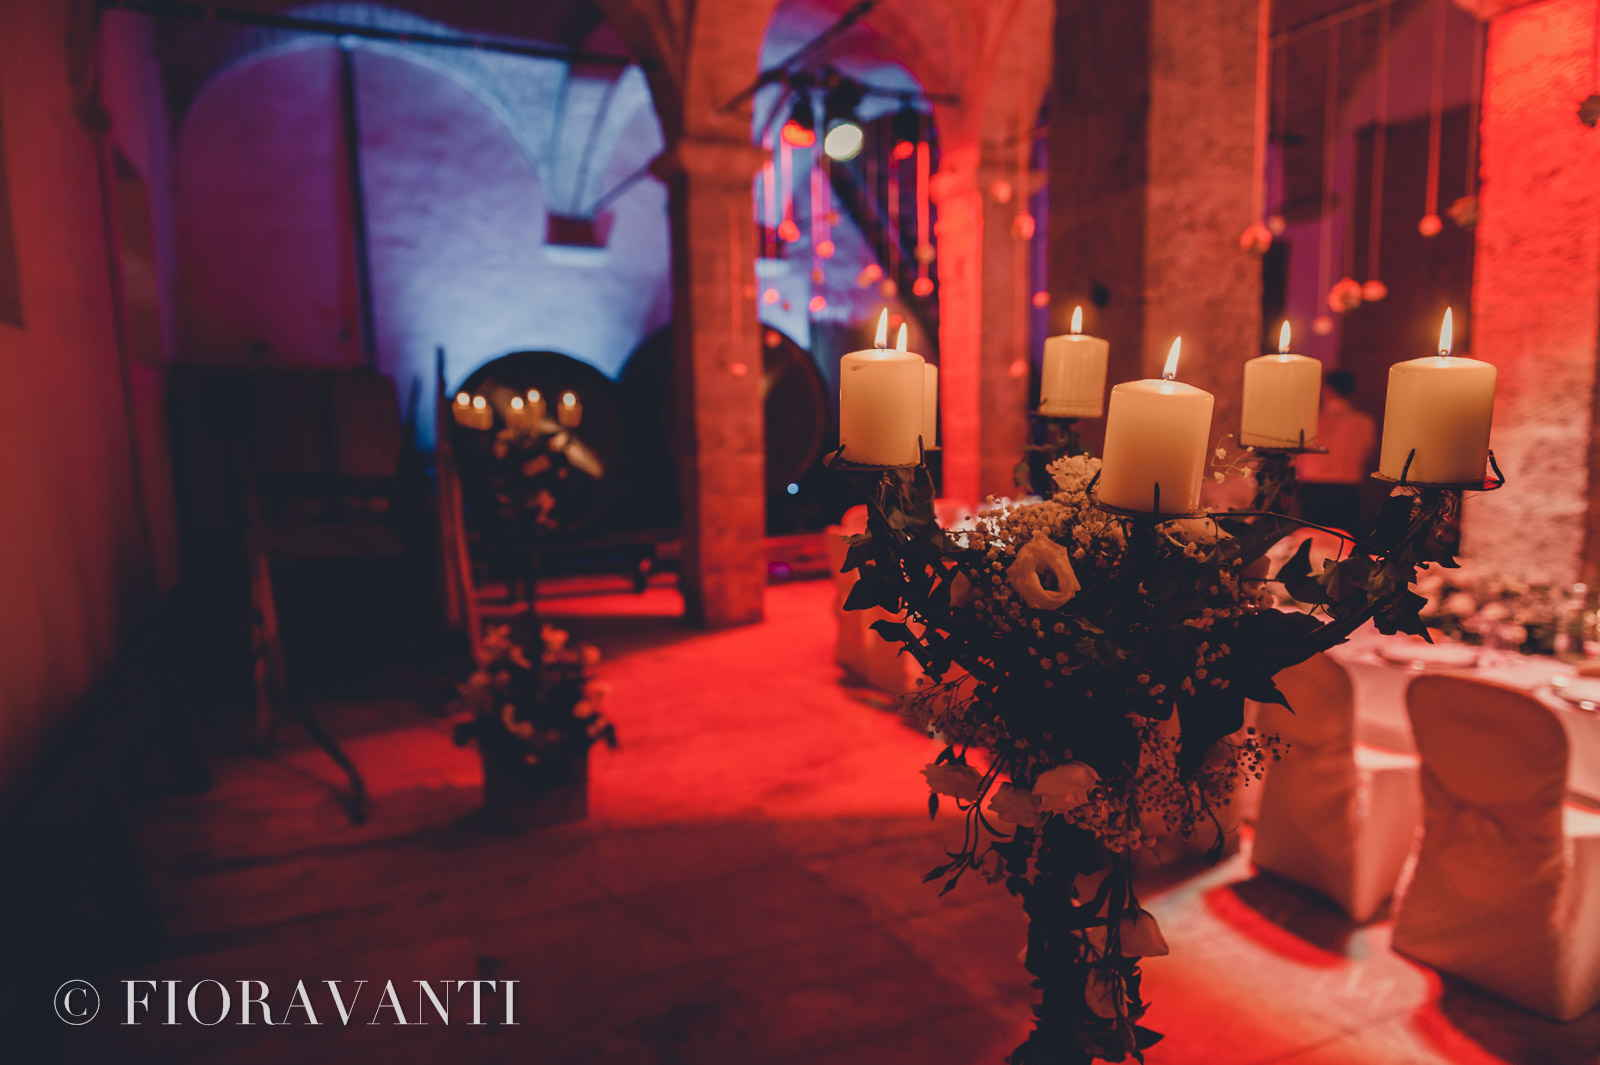 Mary&Paavo Studio Fotografico Fioravanti Ascoli Piceno